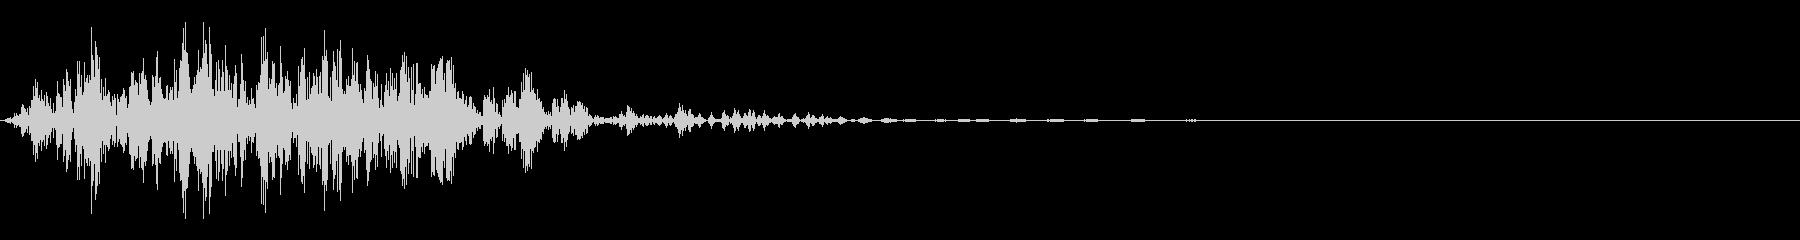 ガブッ(かじる/噛む/食べる)の未再生の波形